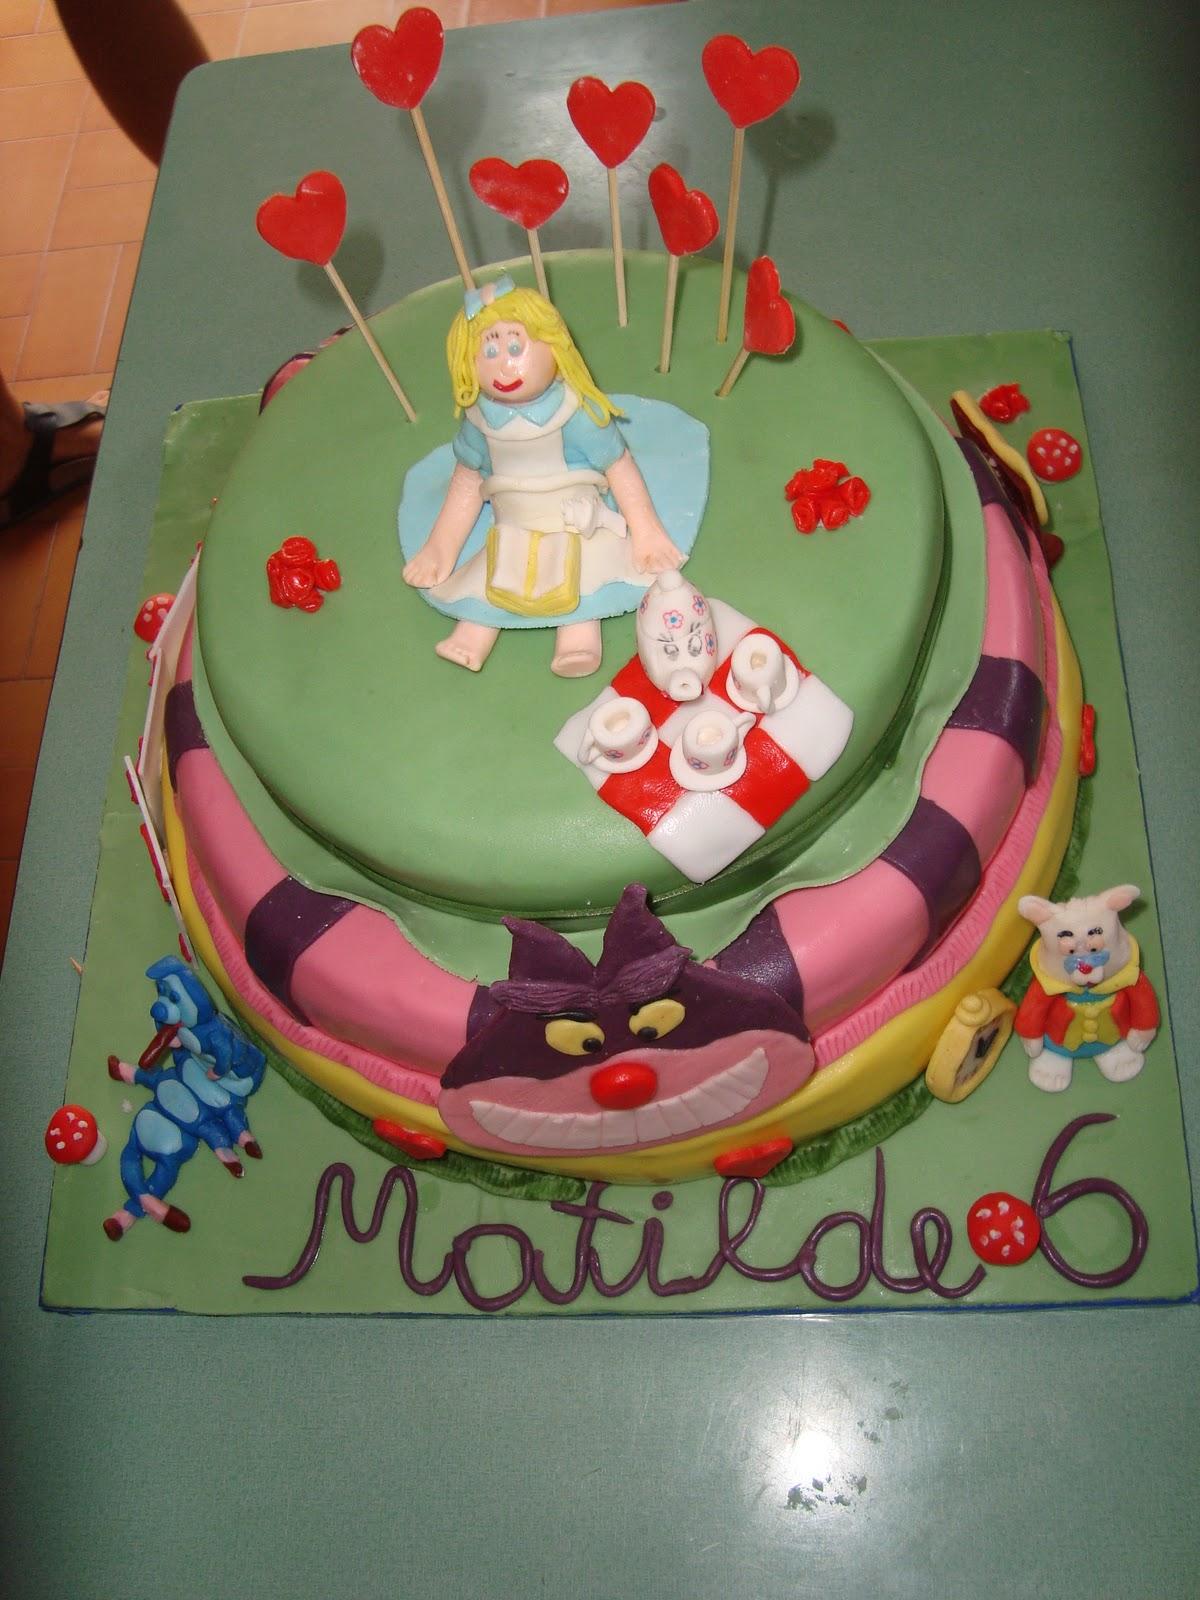 Le torte di zia mari cartoni animati